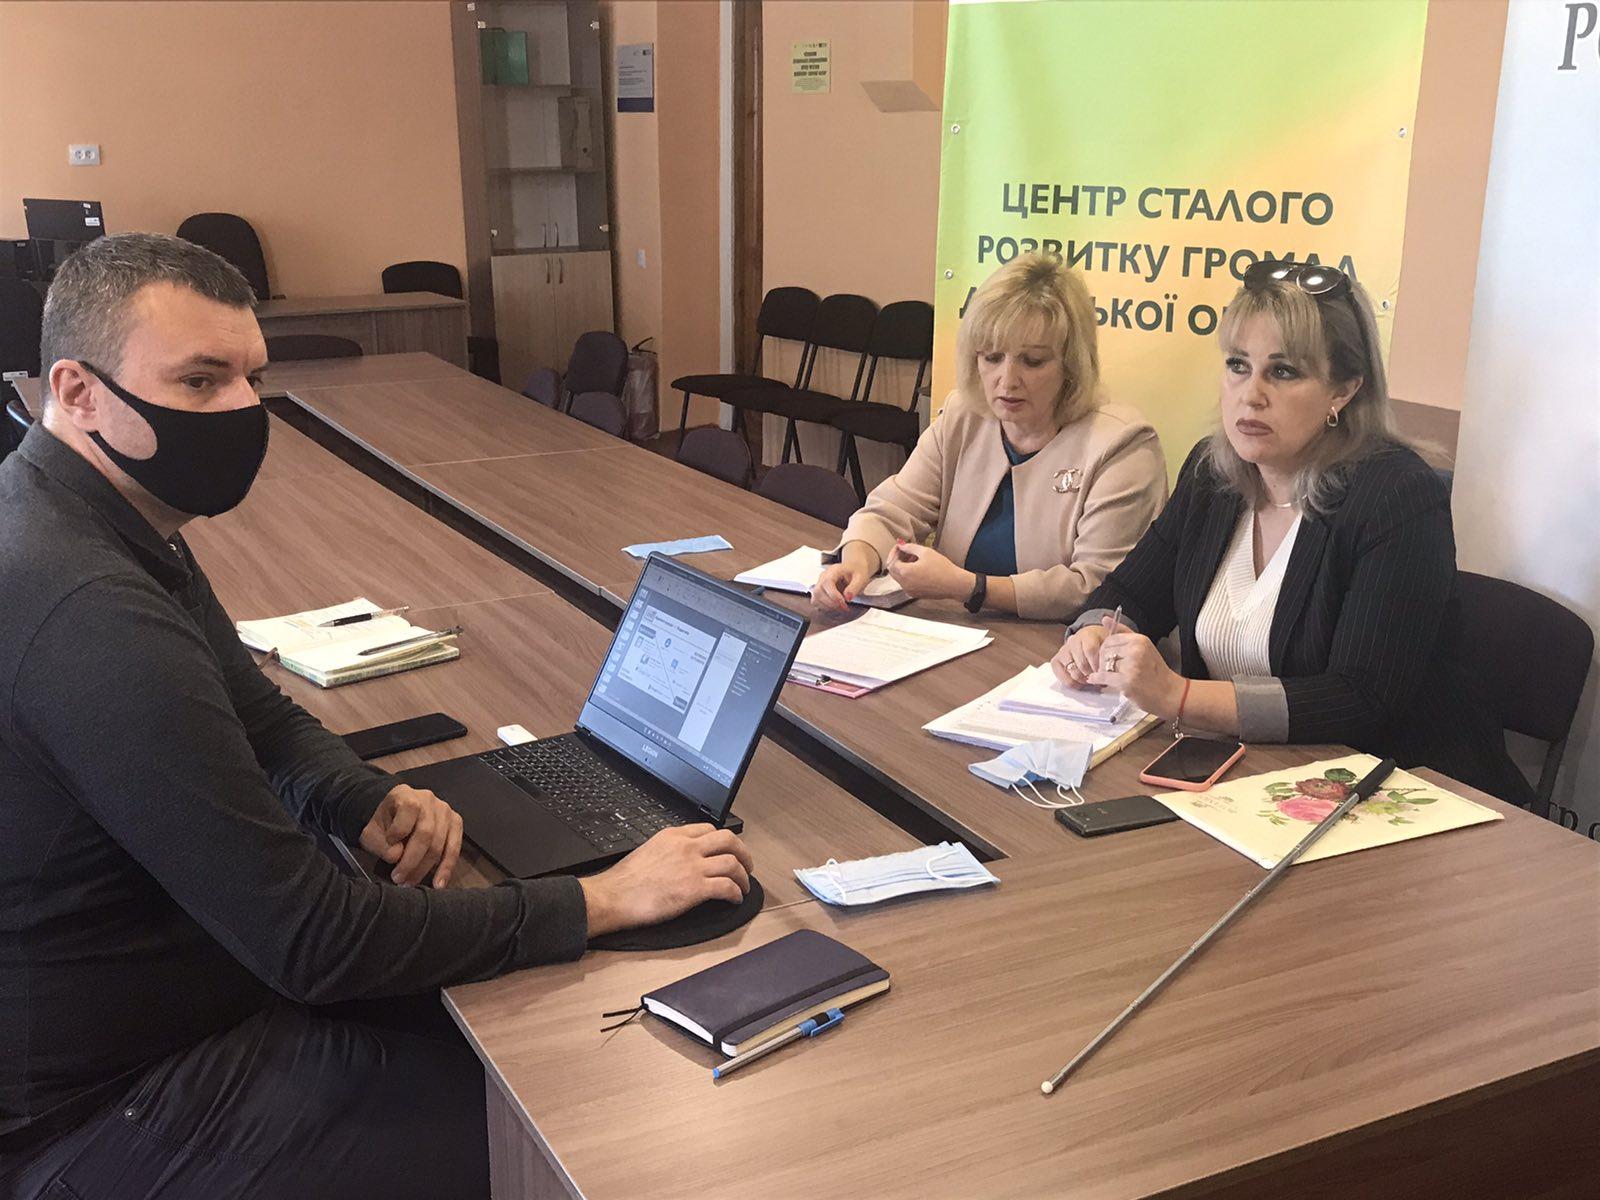 Про перебіг фокус-групи в межах реалізації проєкту «Створення центру сталого розвитку громад Донецької області»